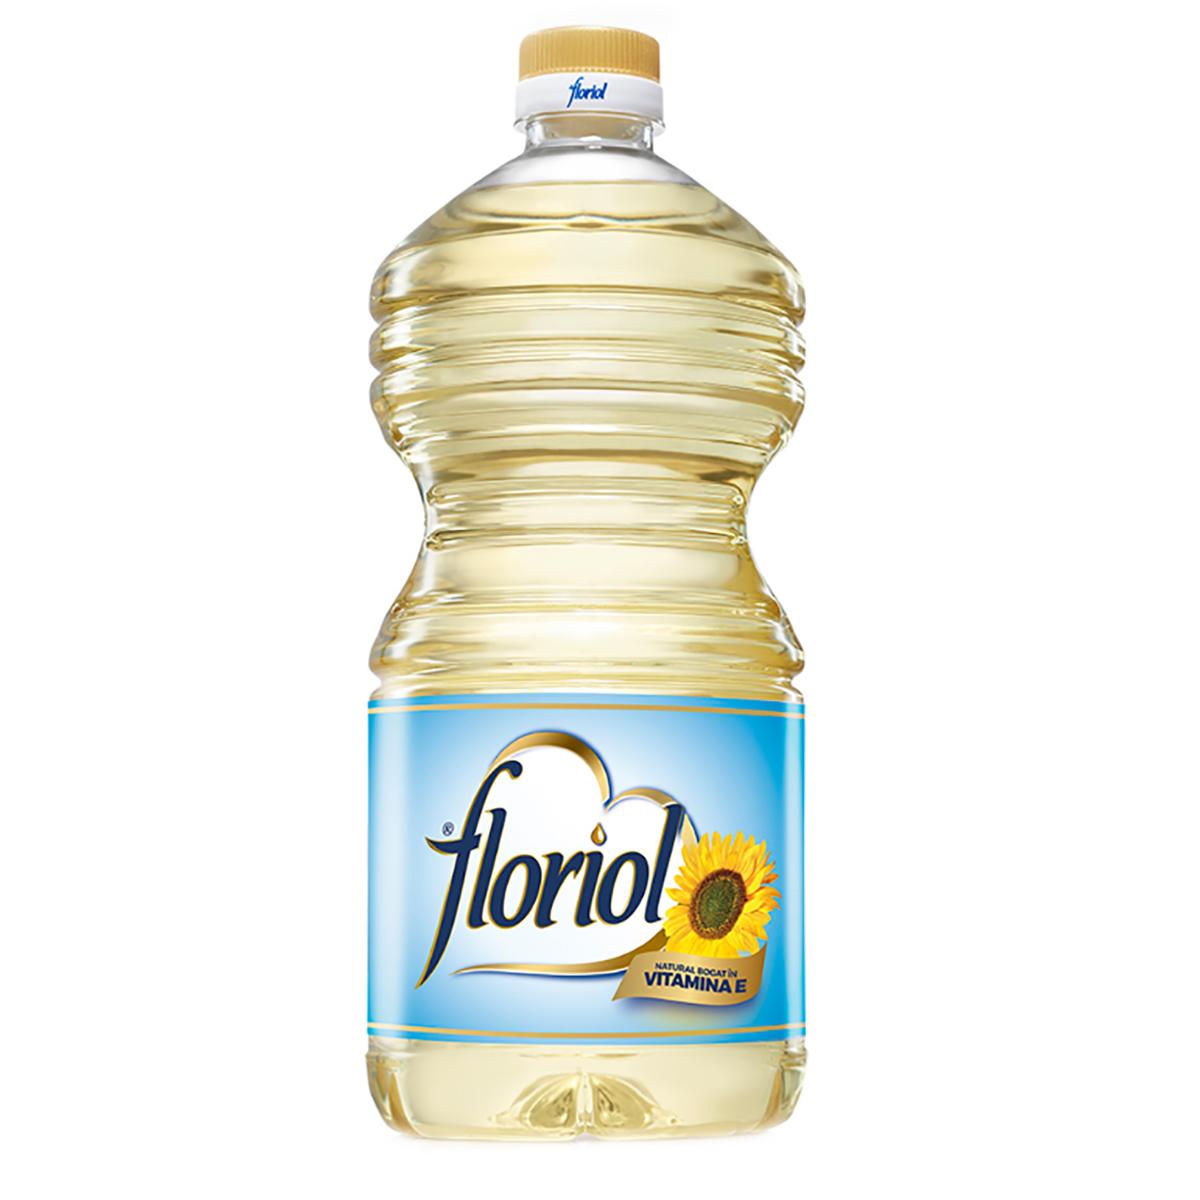 Ulei de floarea soarelui Floriol, 2 L imagine